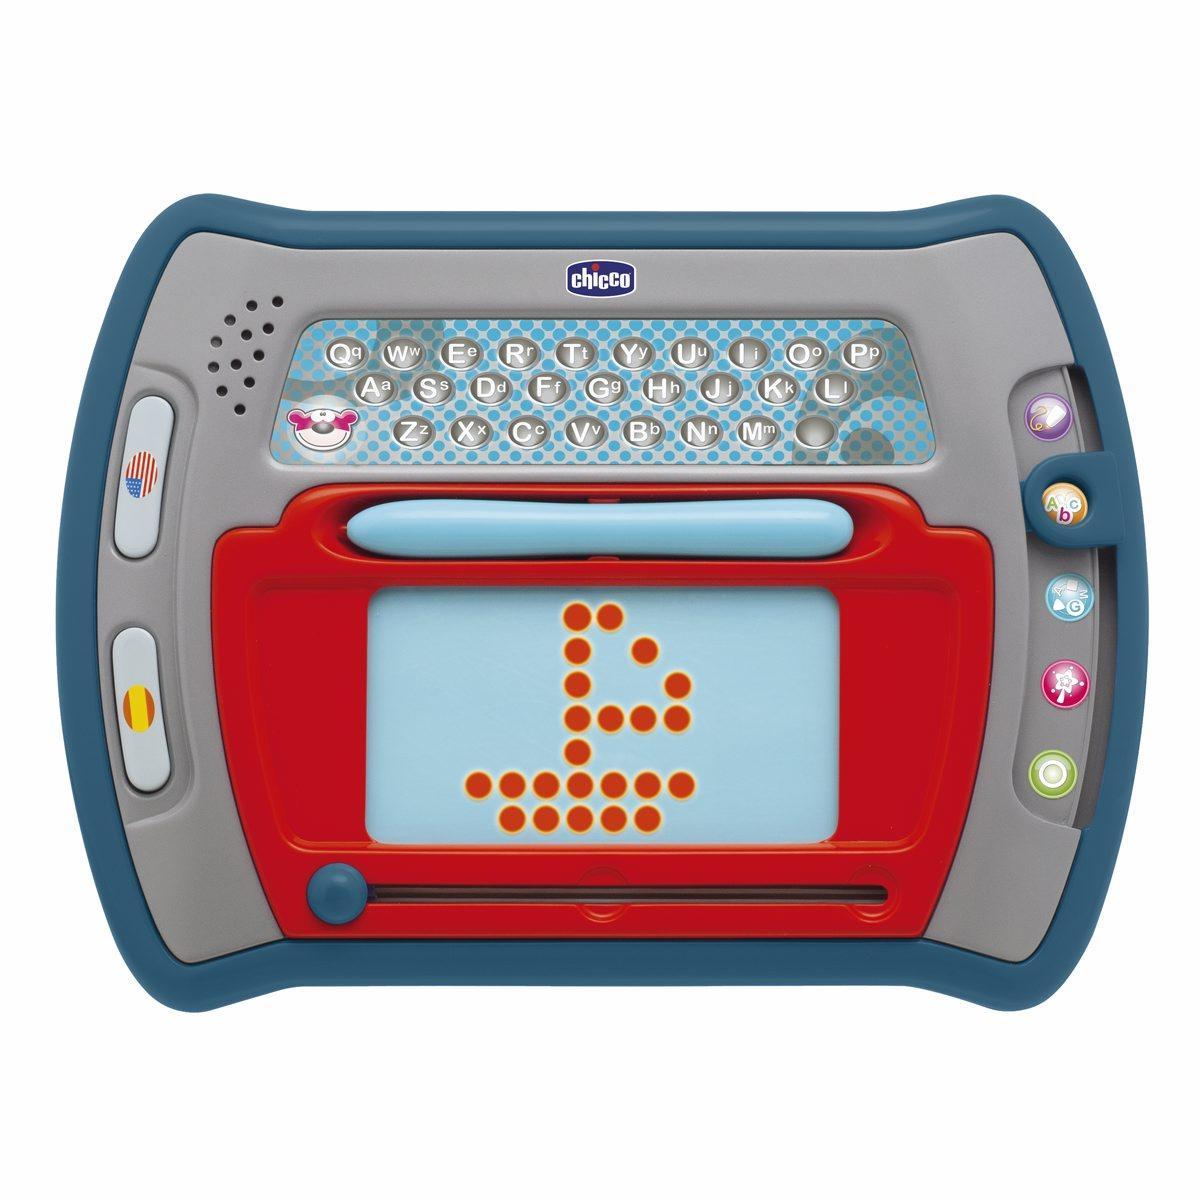 letras para word pad: